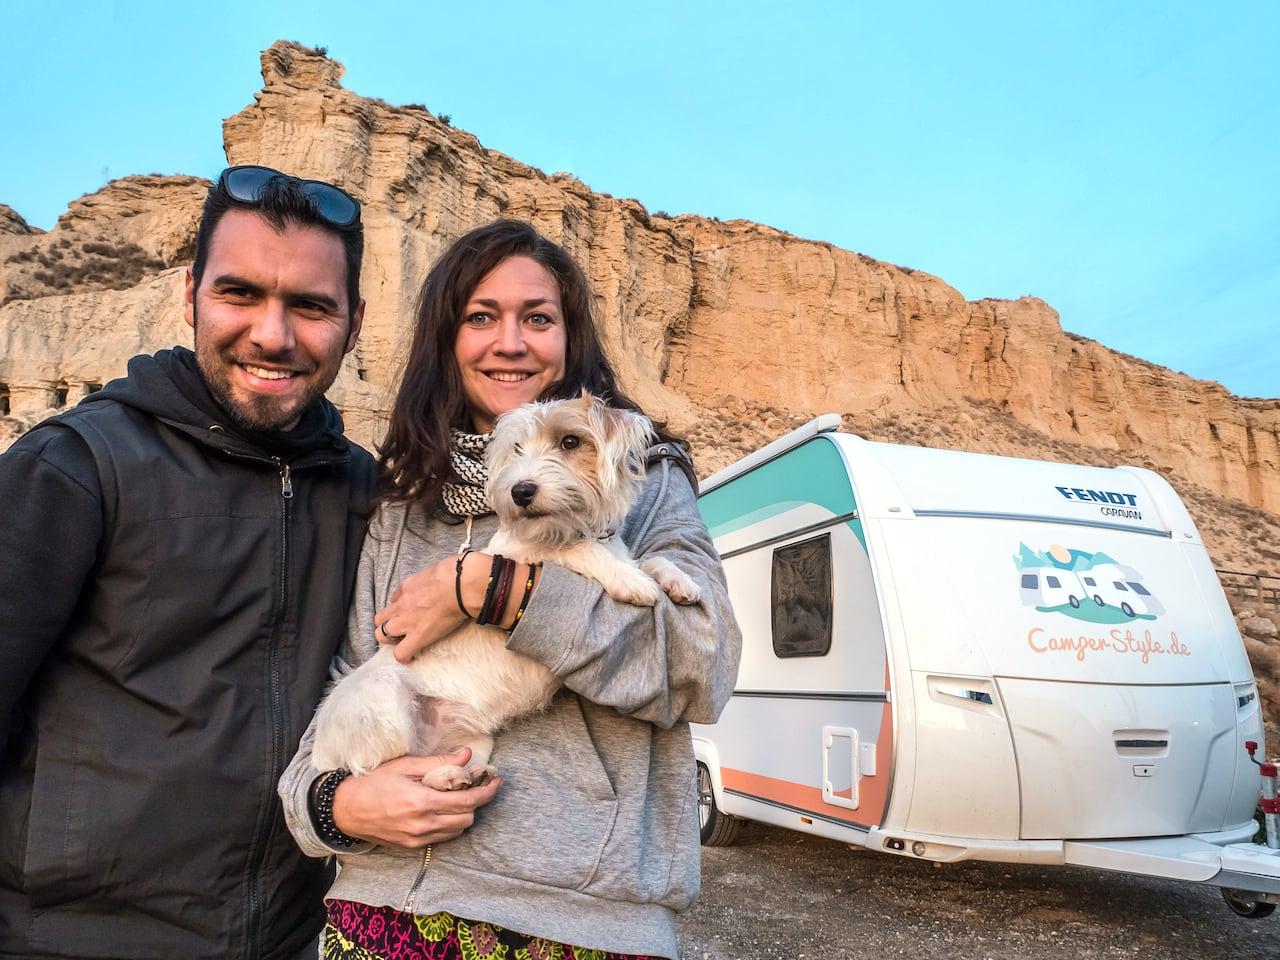 Leben und arbeiten unterwegs im Wohnwagen - Nele und Jalil tun das seit 2 Jahren